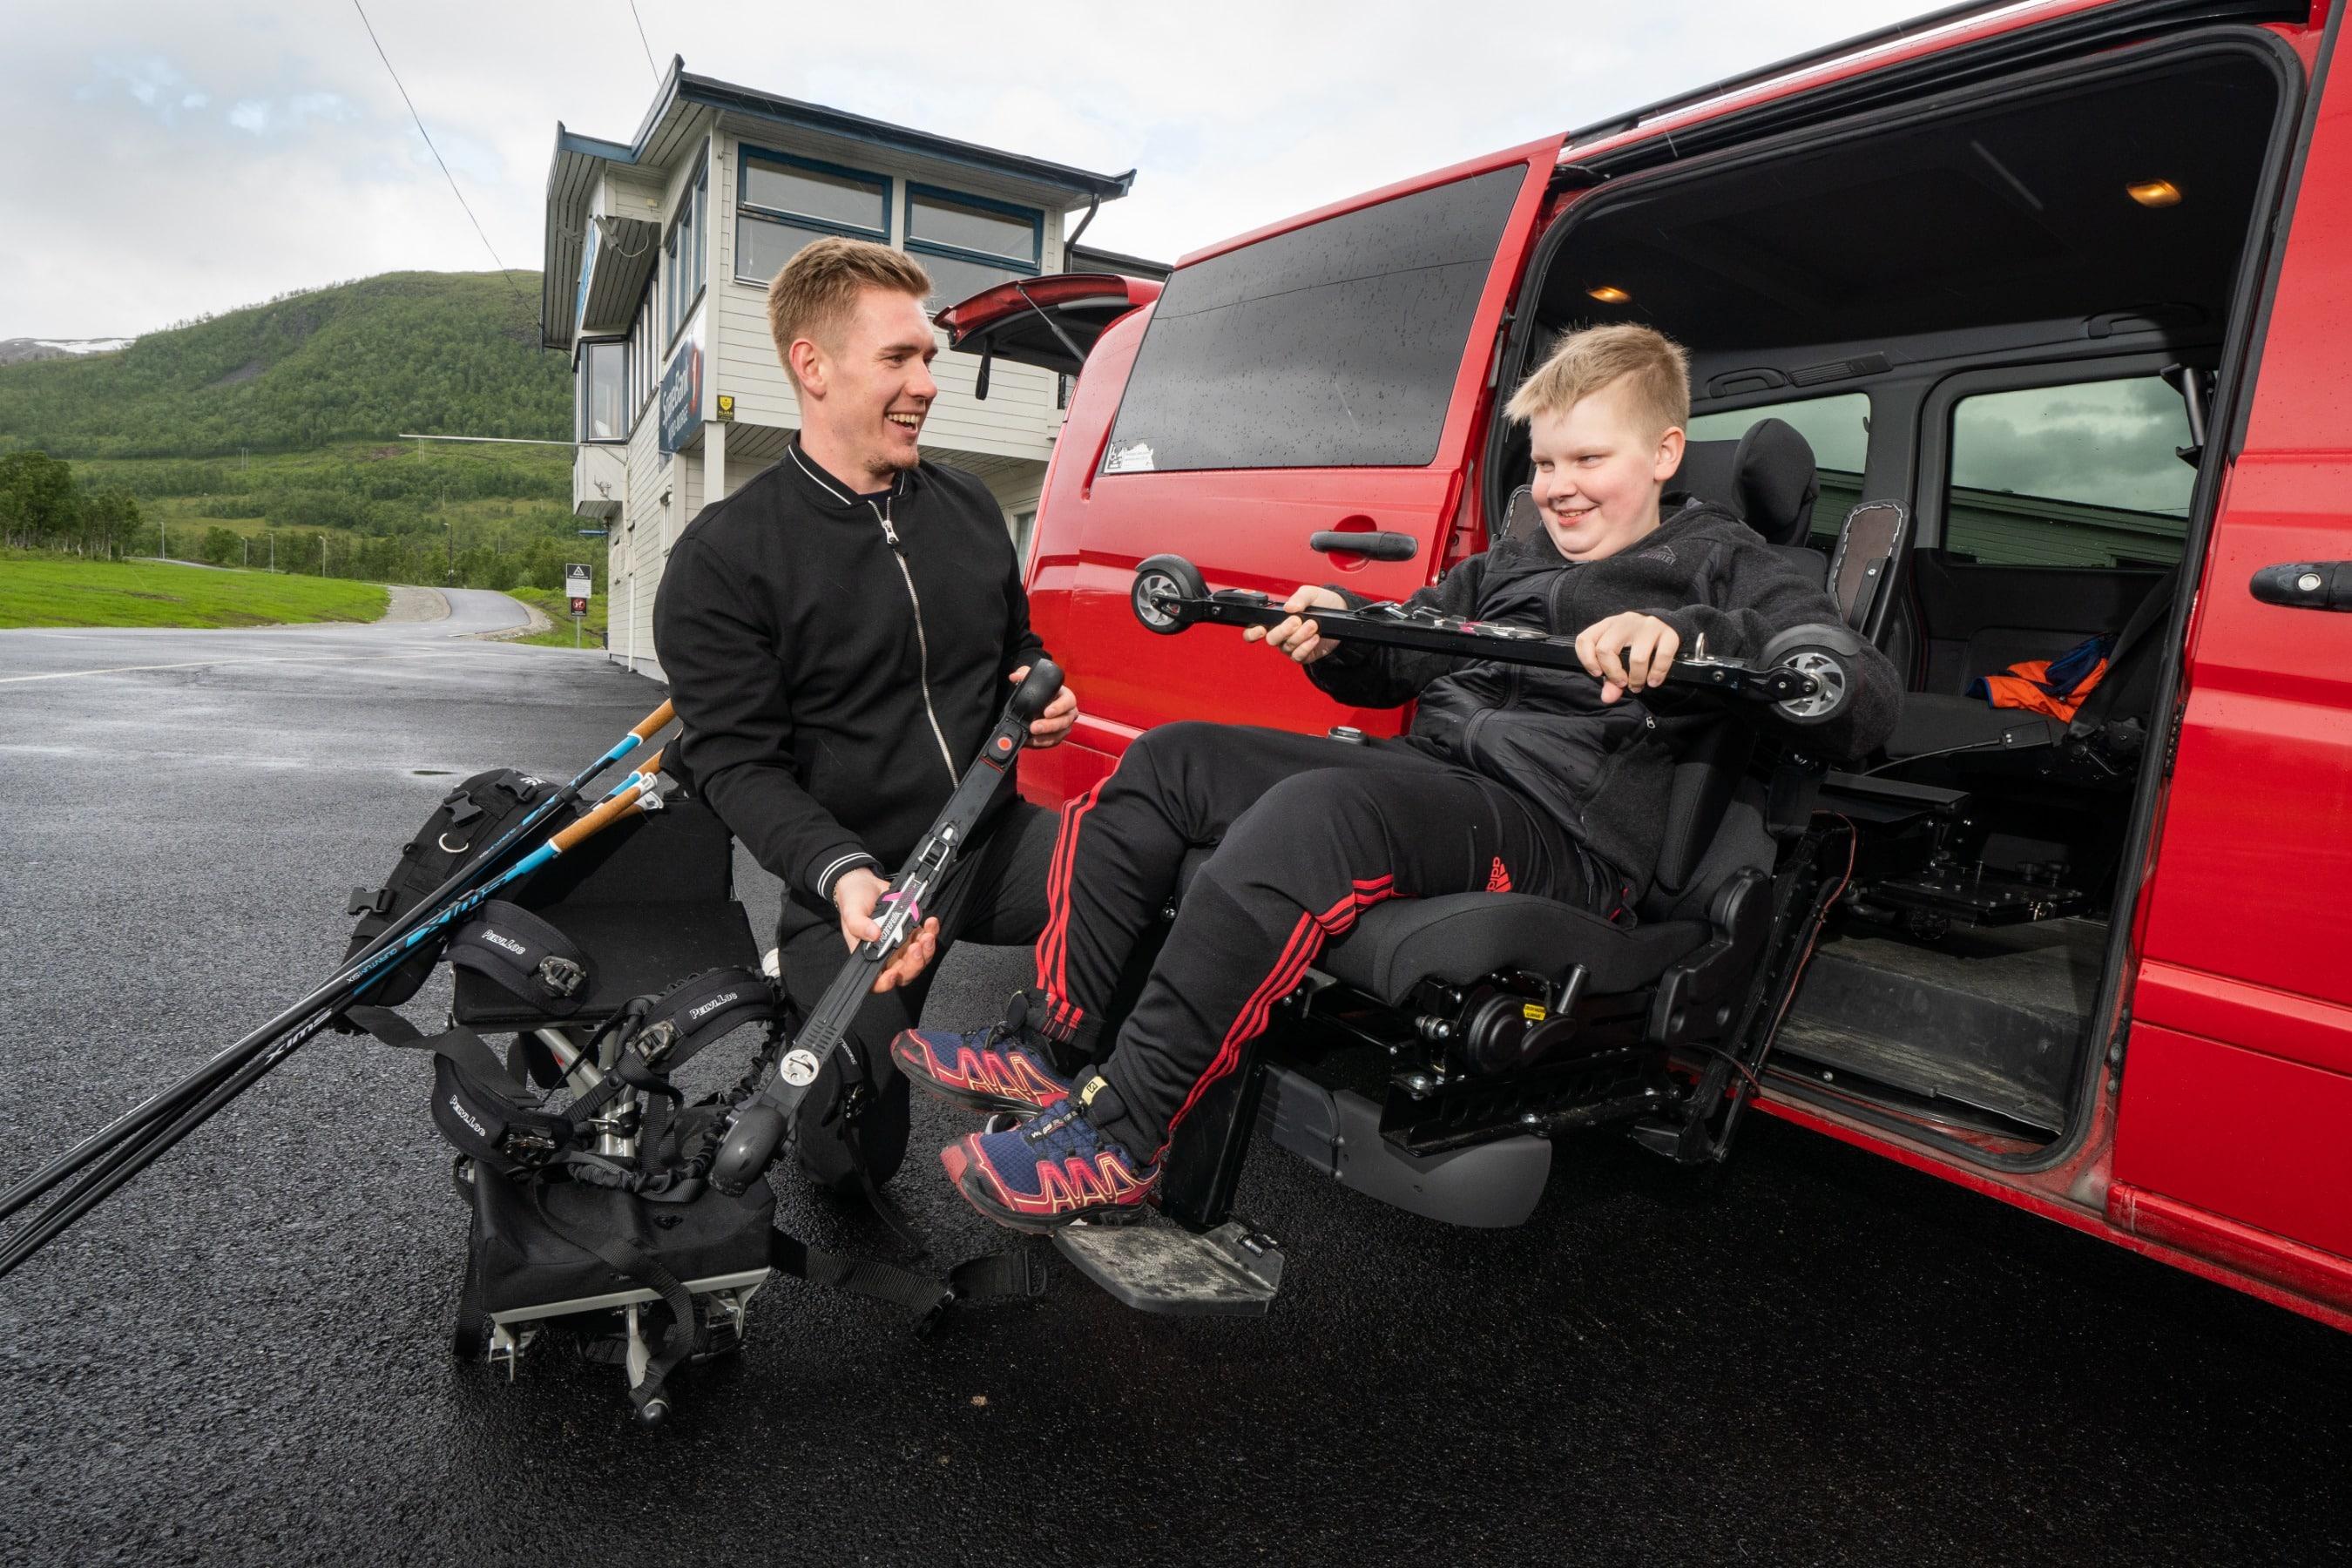 BPA-assistent hjelper bruker i rullestol fra transport til aktivitet med rulleski-kjelke.